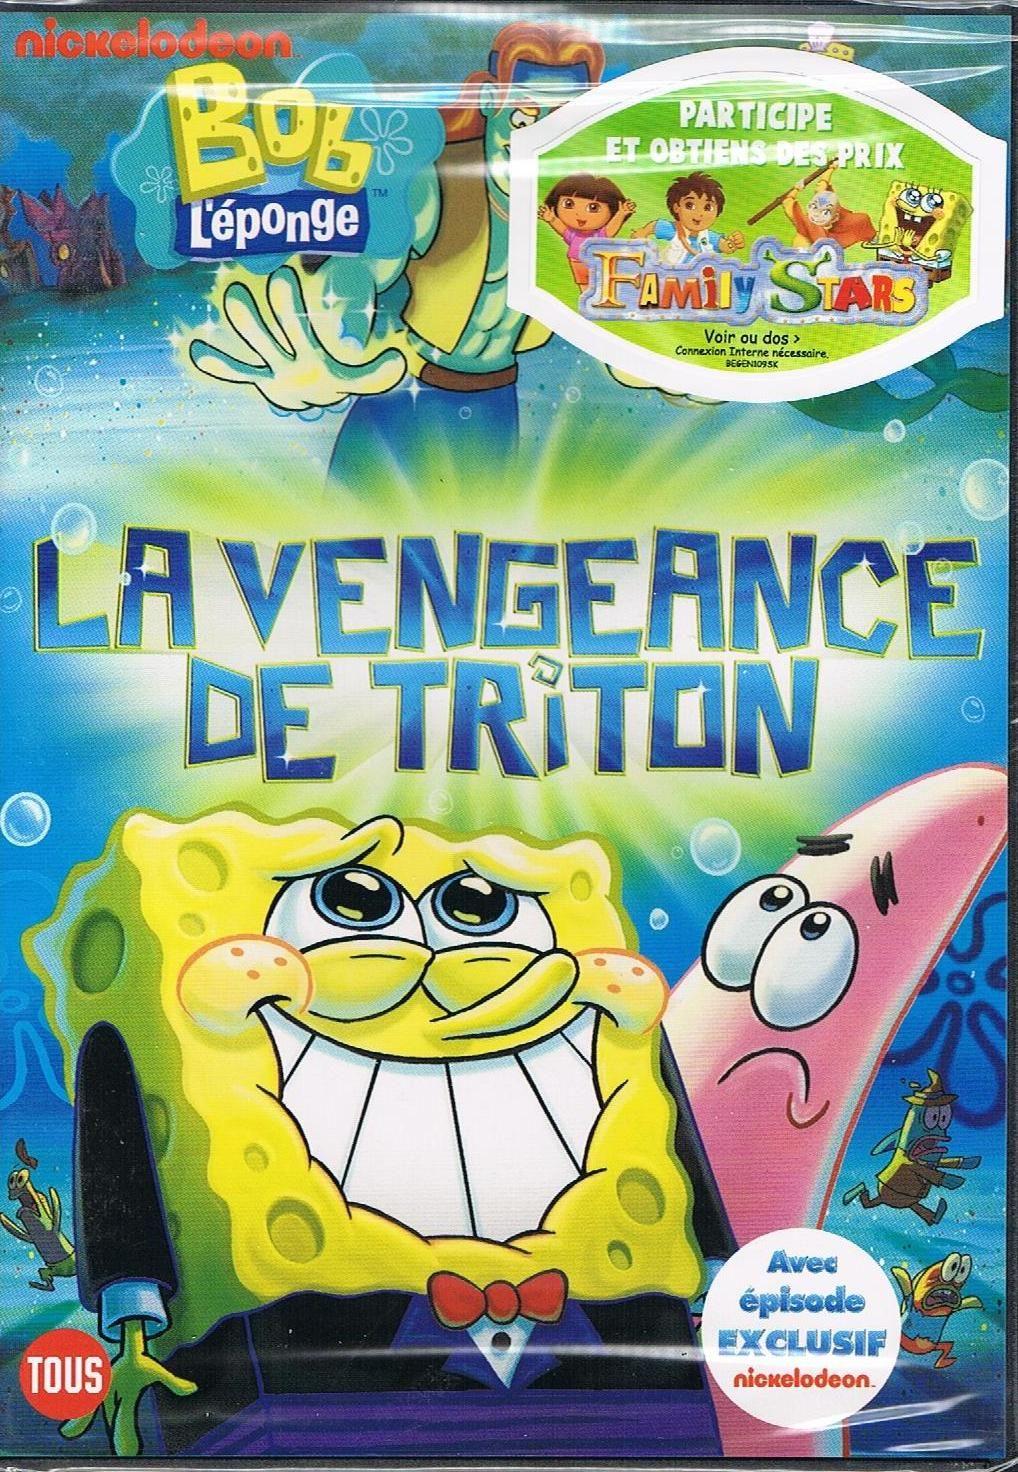 Bob l'éponge : triton - dvd : Louez ou achetez en VOD, DVD ...